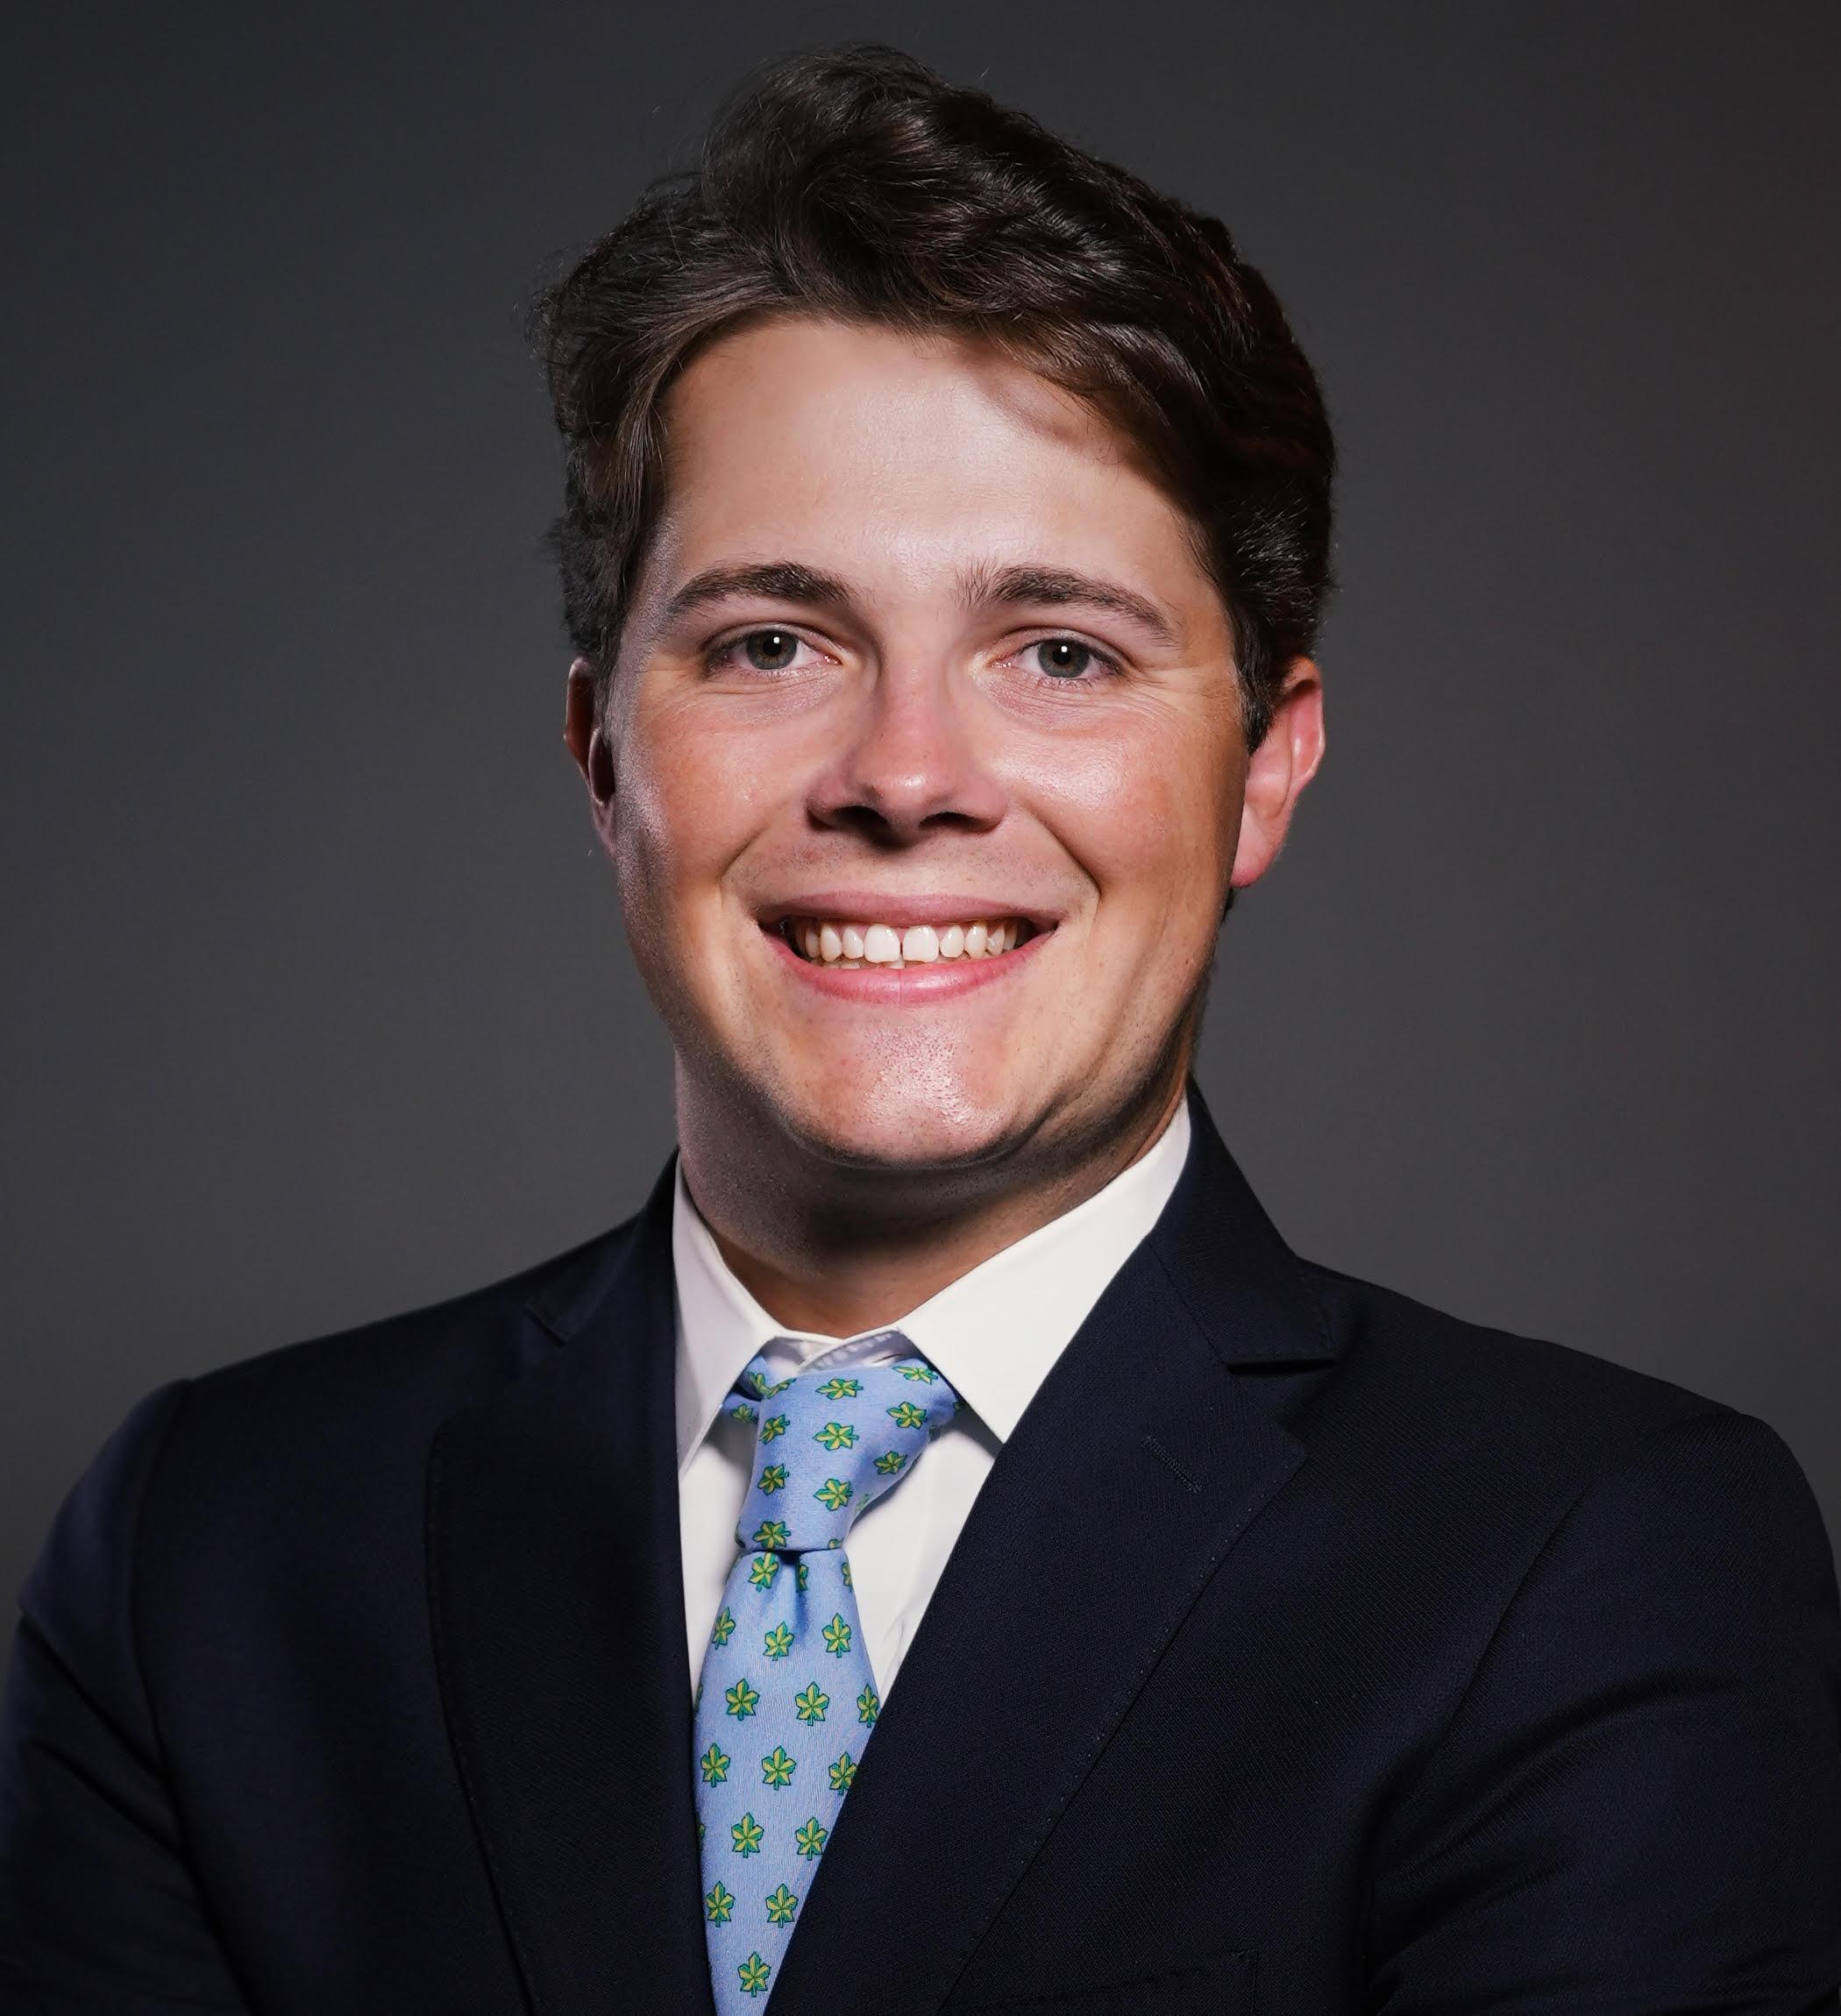 Matt Marino Headshot | Dakota Investments